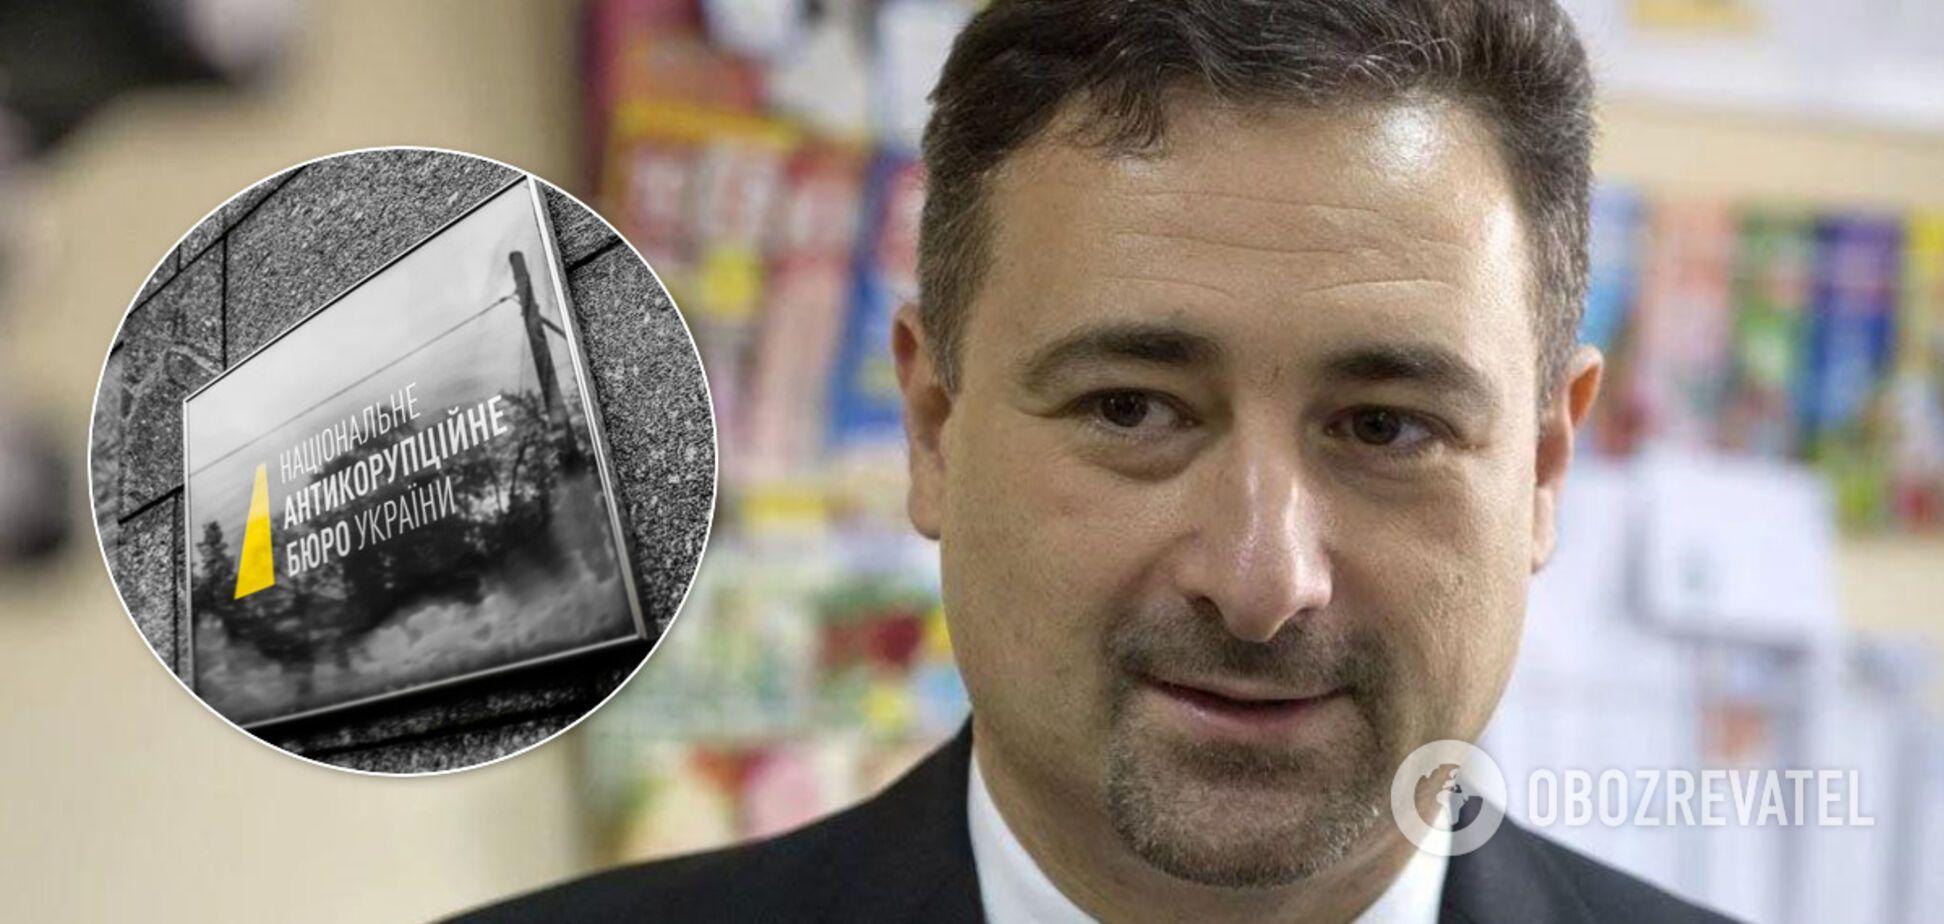 НАБУ начало расследование против гендиректора 'Укрпочты' Смелянского